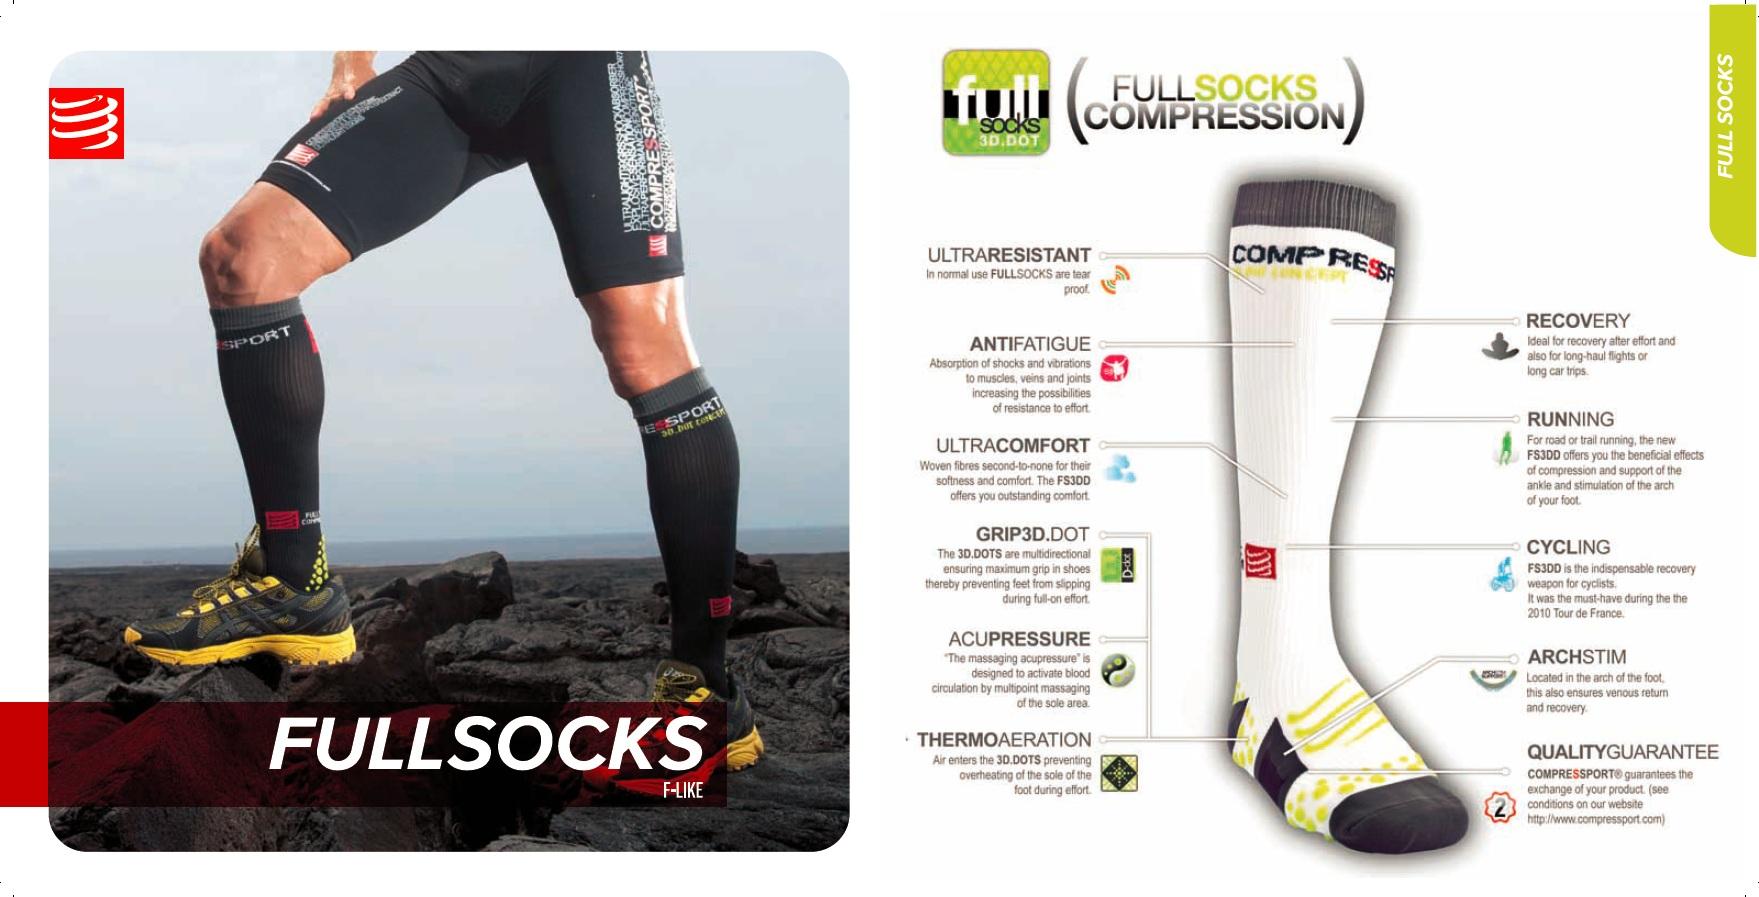 cs_full_socks